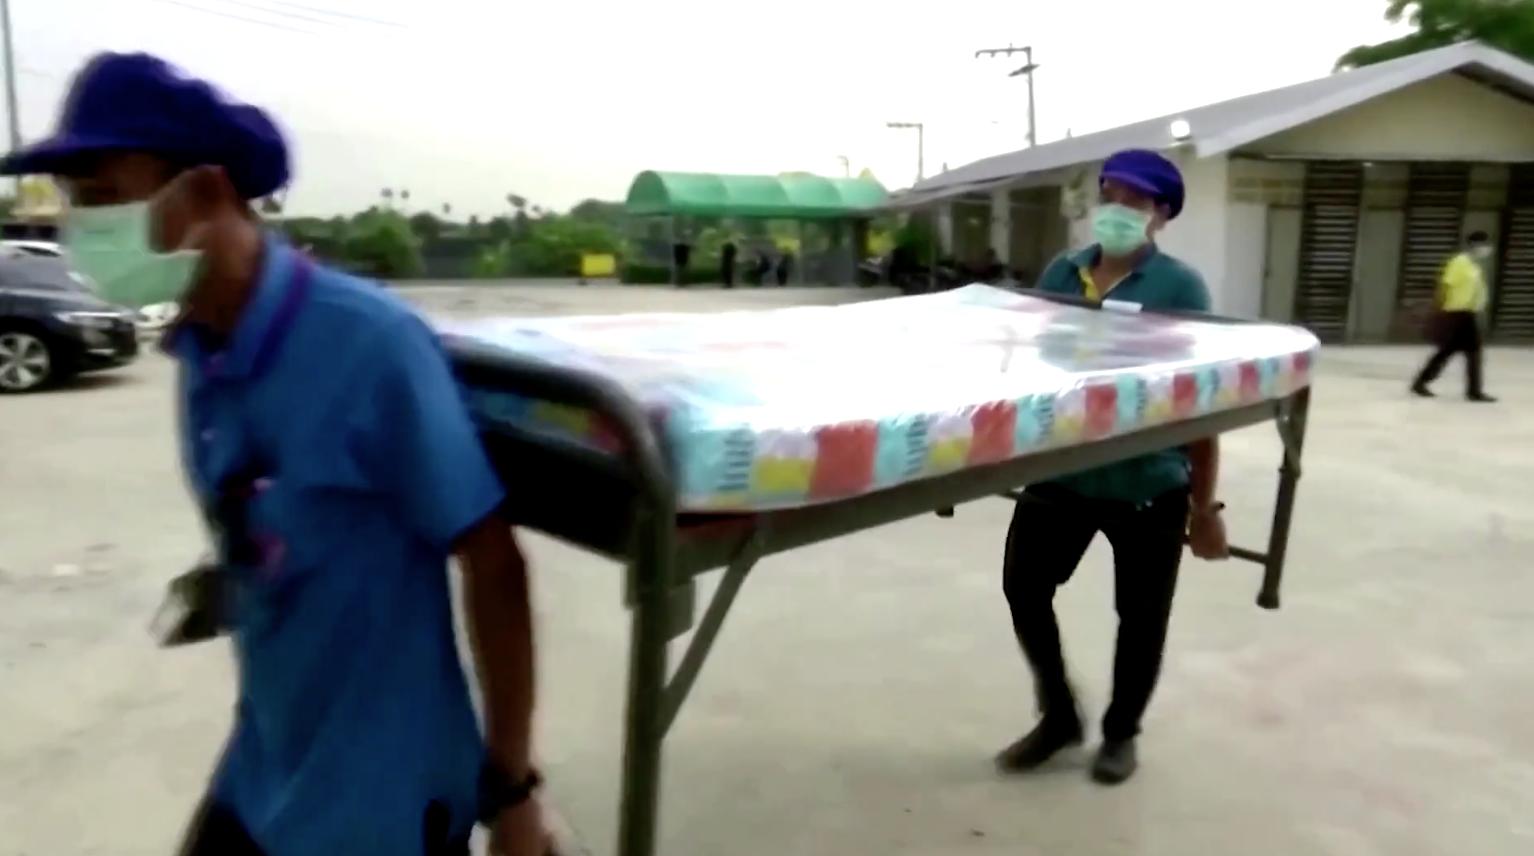 Bangkoklậpkế hoạch bố trí 10,000 giường bệnh dã chiến khi số ca nhiễm COVID-19 tăng đột biến